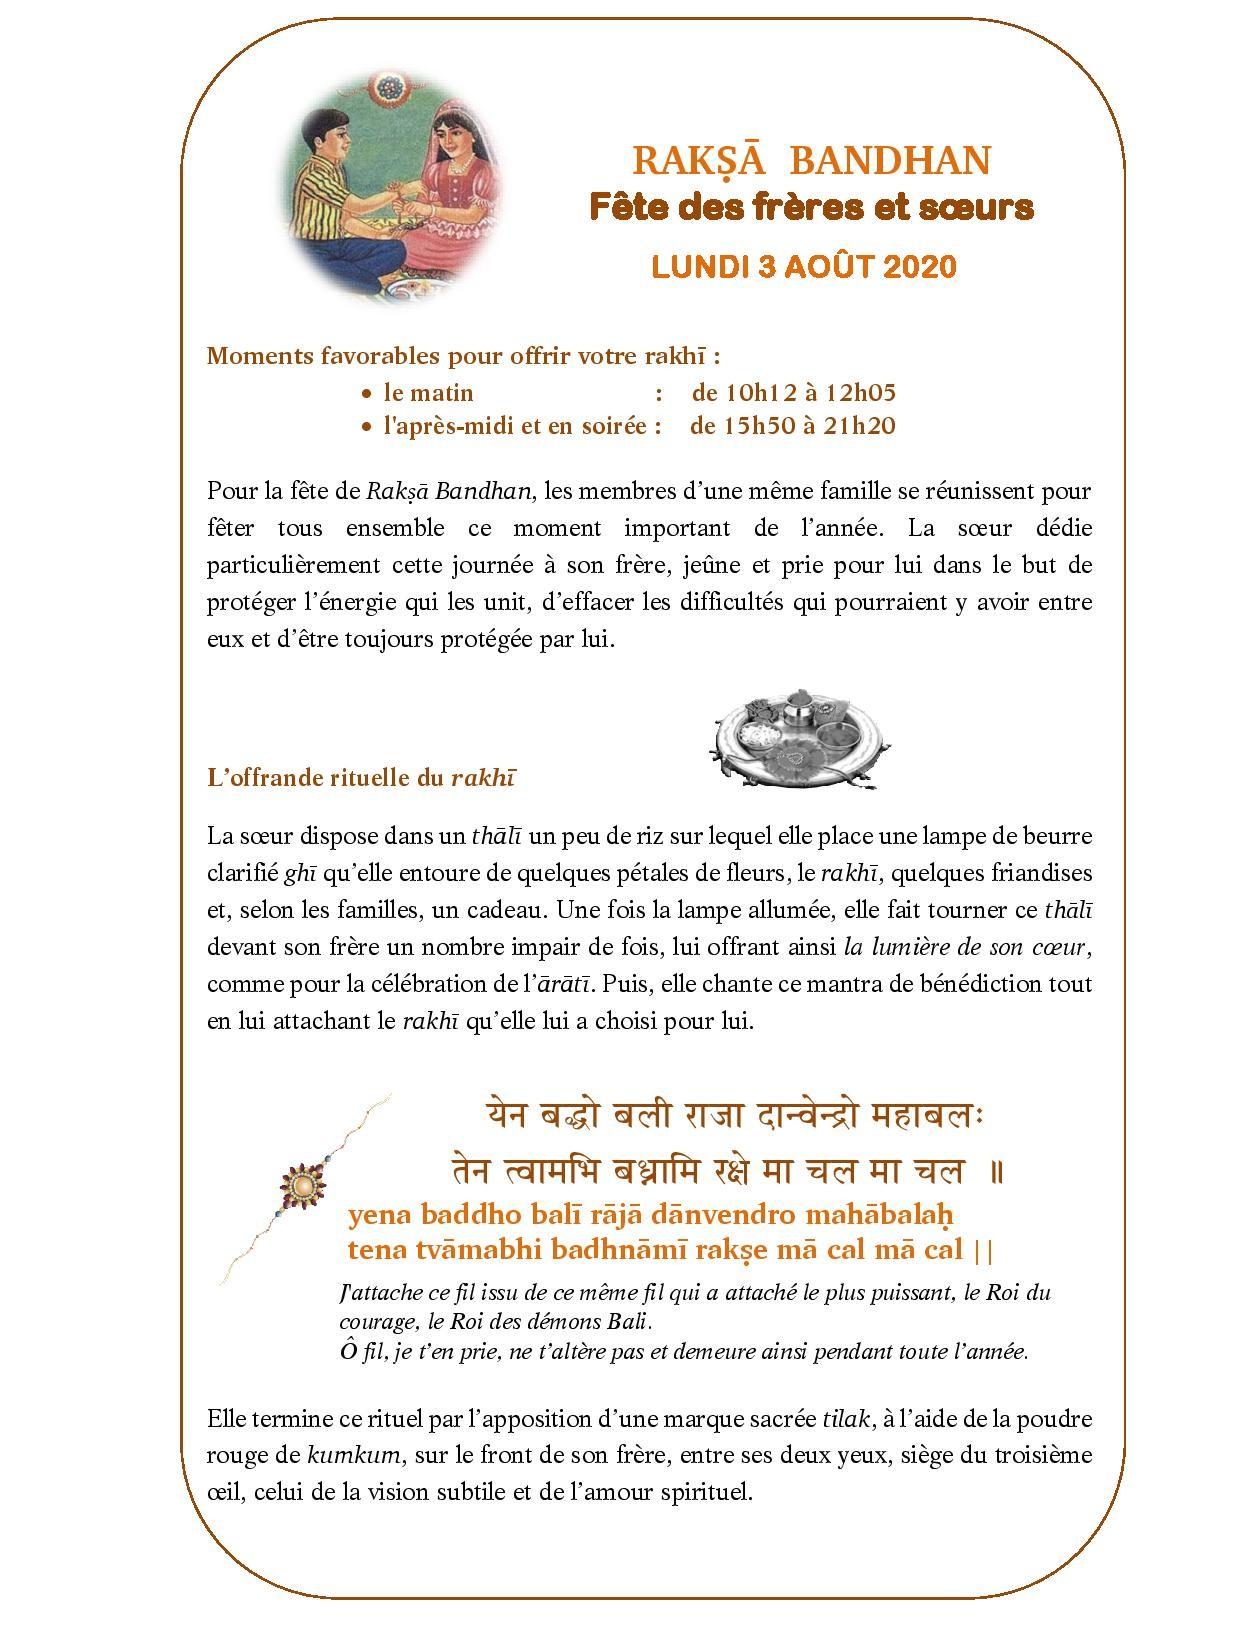 rakash bandhan 2020 BAT-page-001